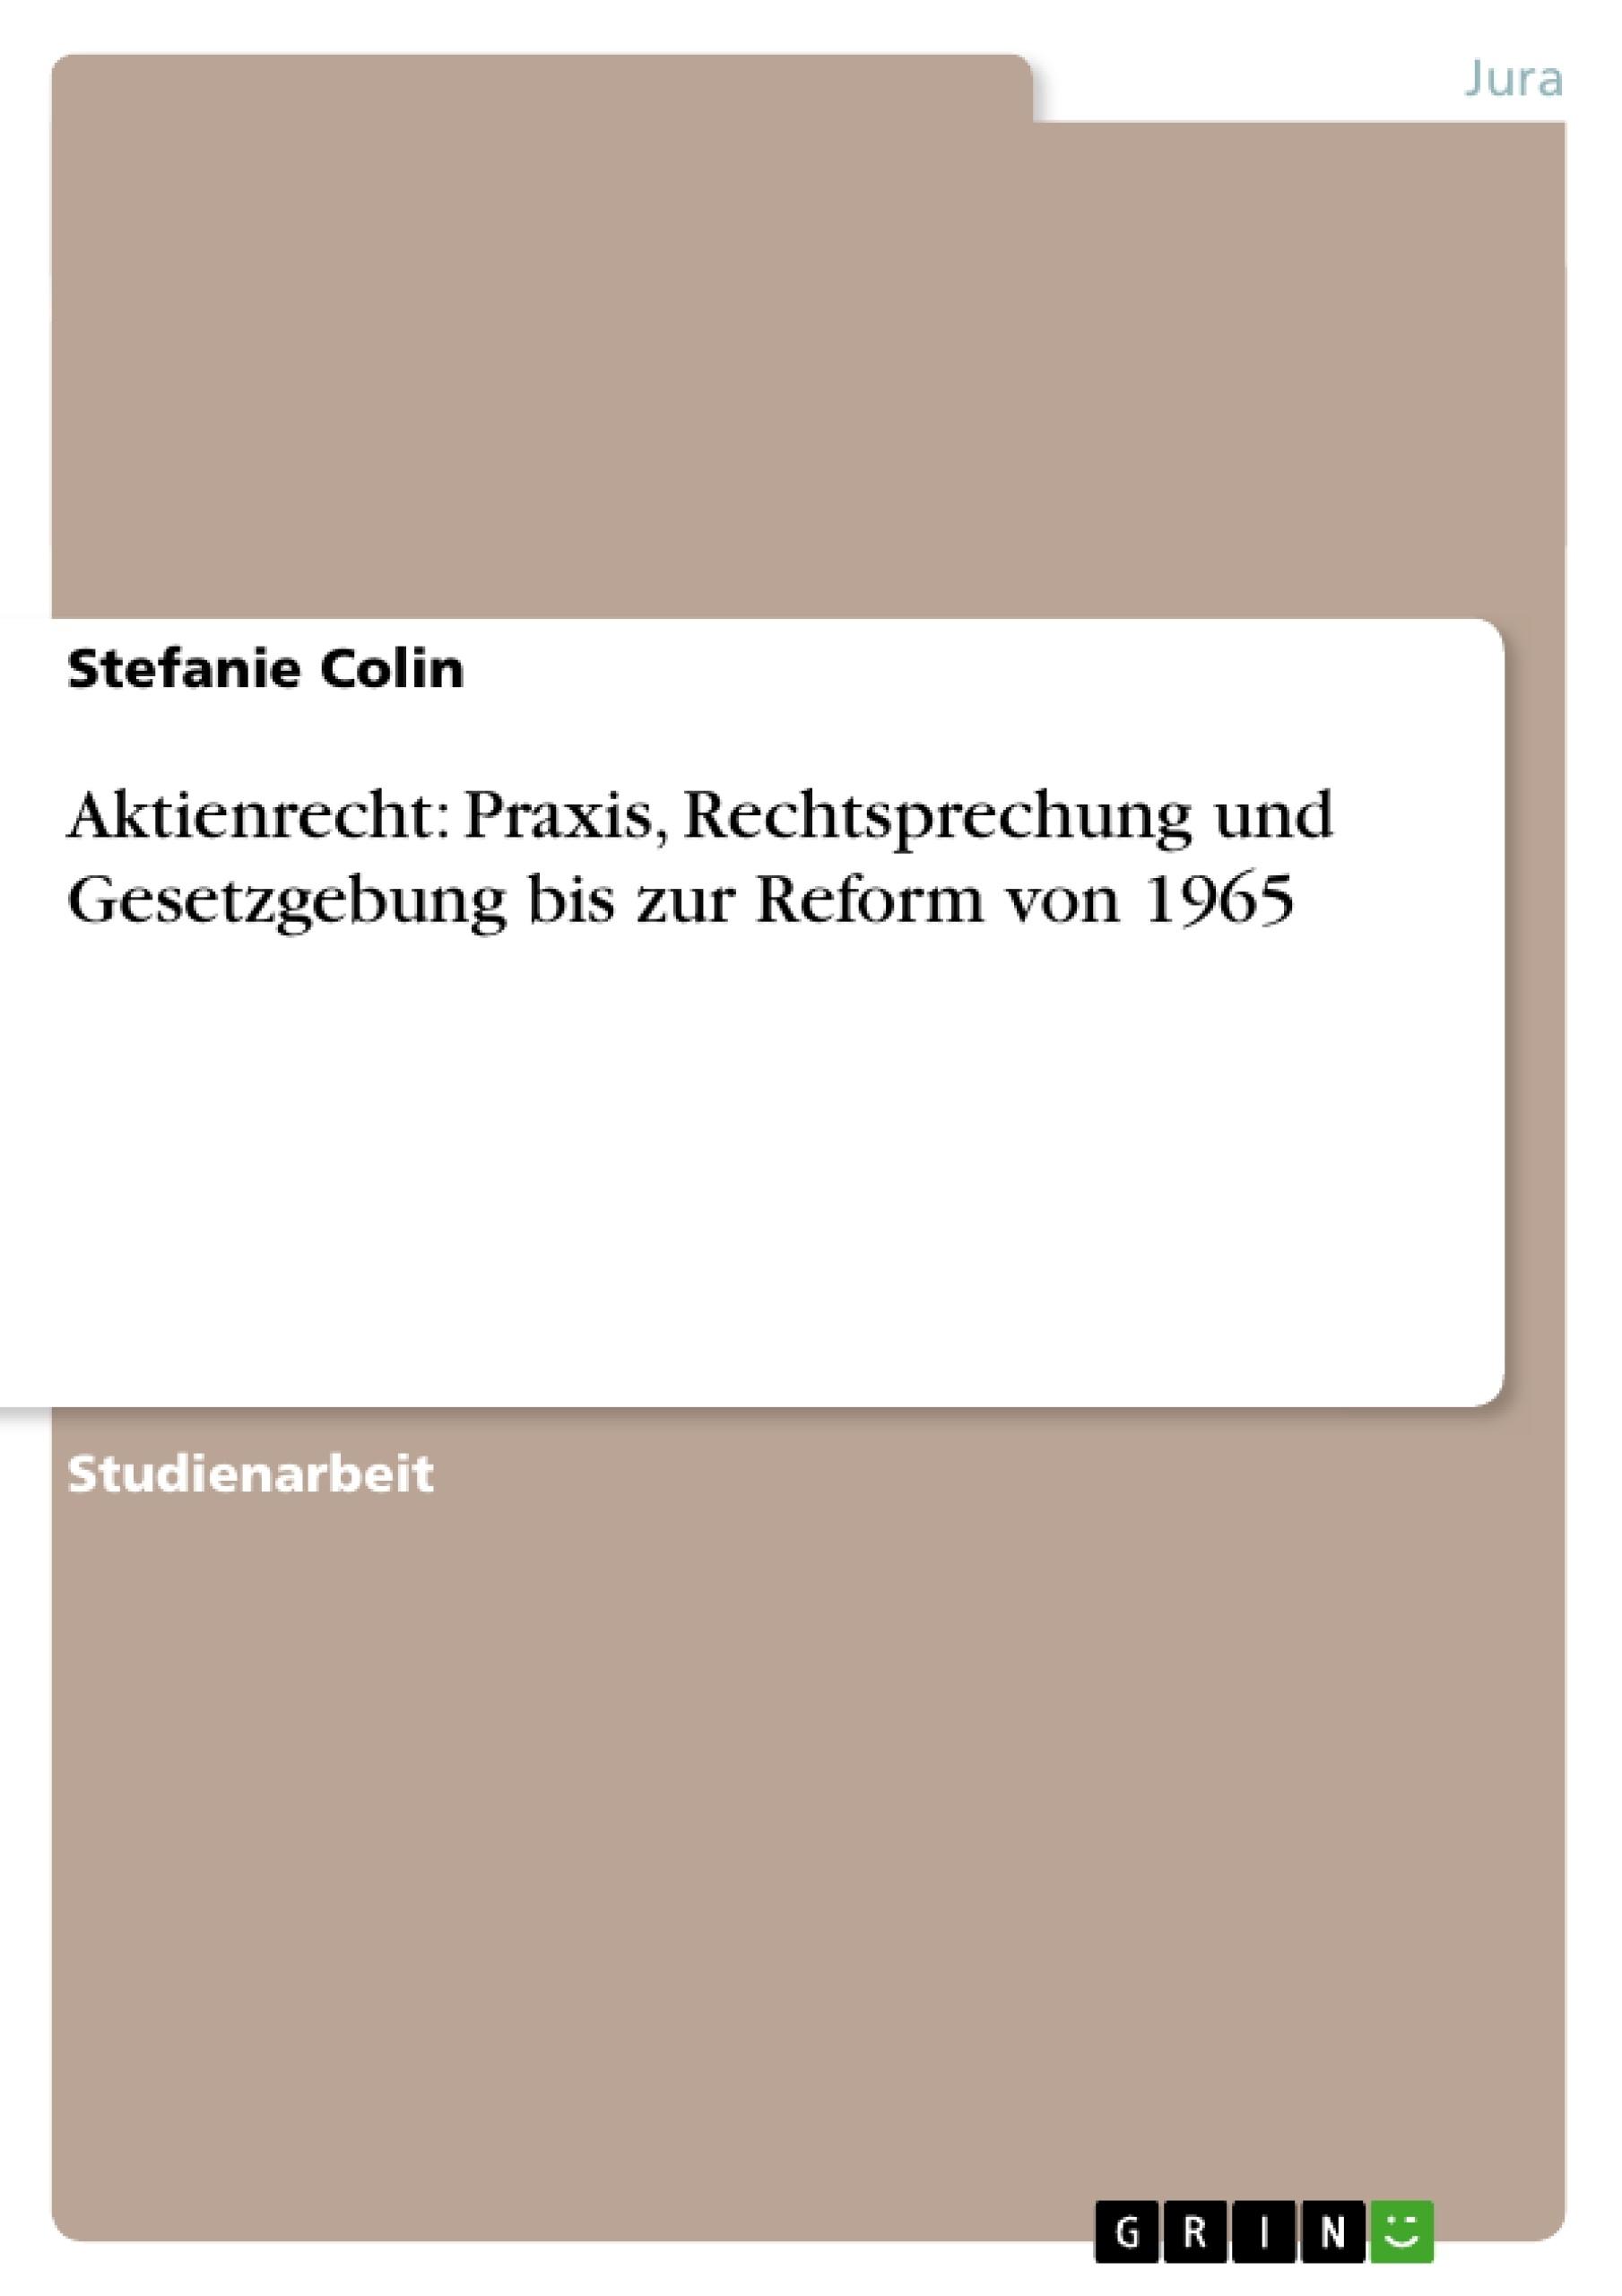 Titel: Aktienrecht: Praxis, Rechtsprechung und Gesetzgebung bis zur Reform von 1965